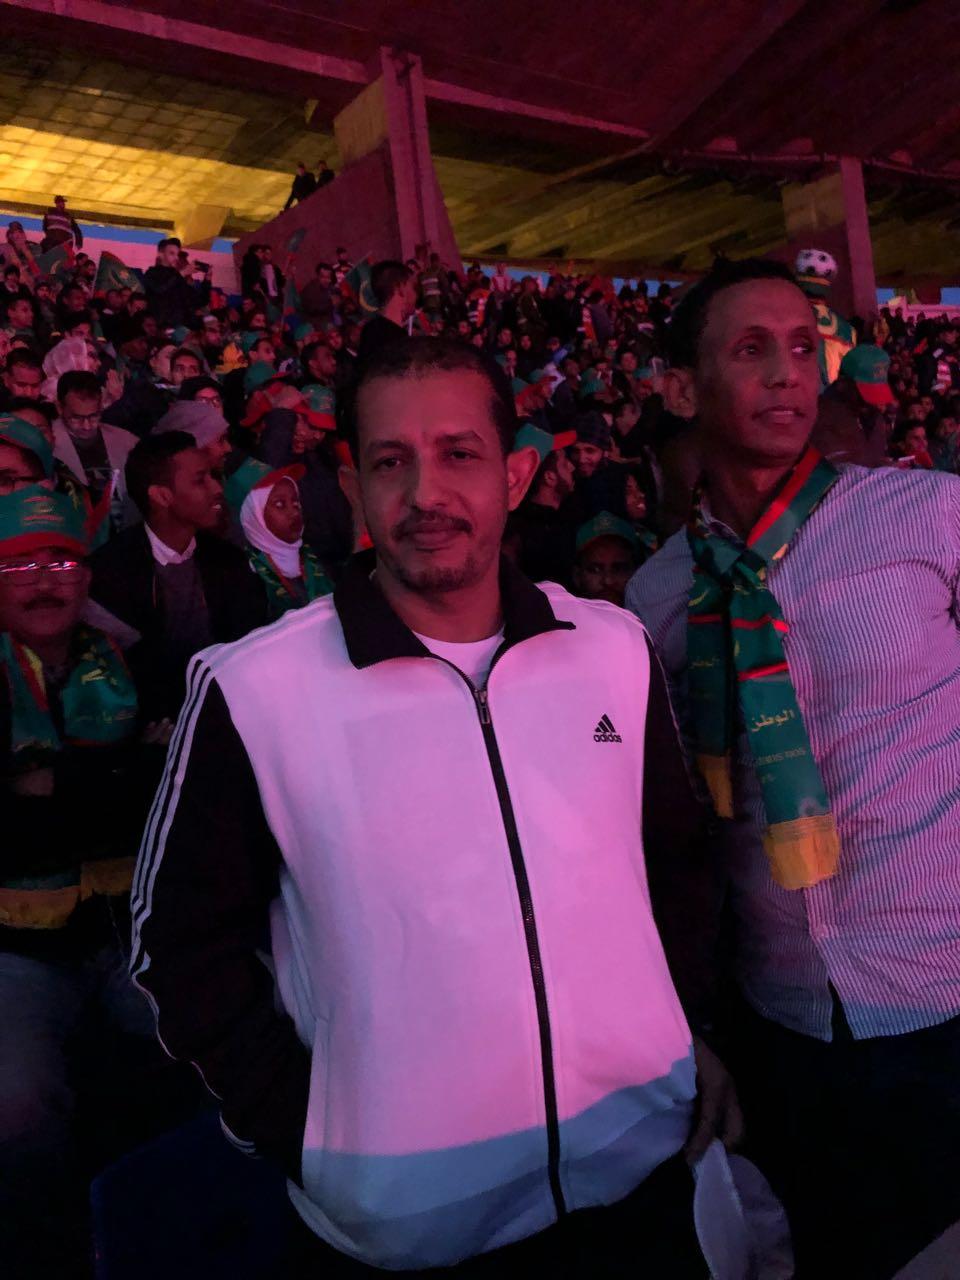 النائب البرلماني محمد يسلم ولد عبد الله في الملعب الذي يستضيف مباراة موريتانيا والمغرب اليوم